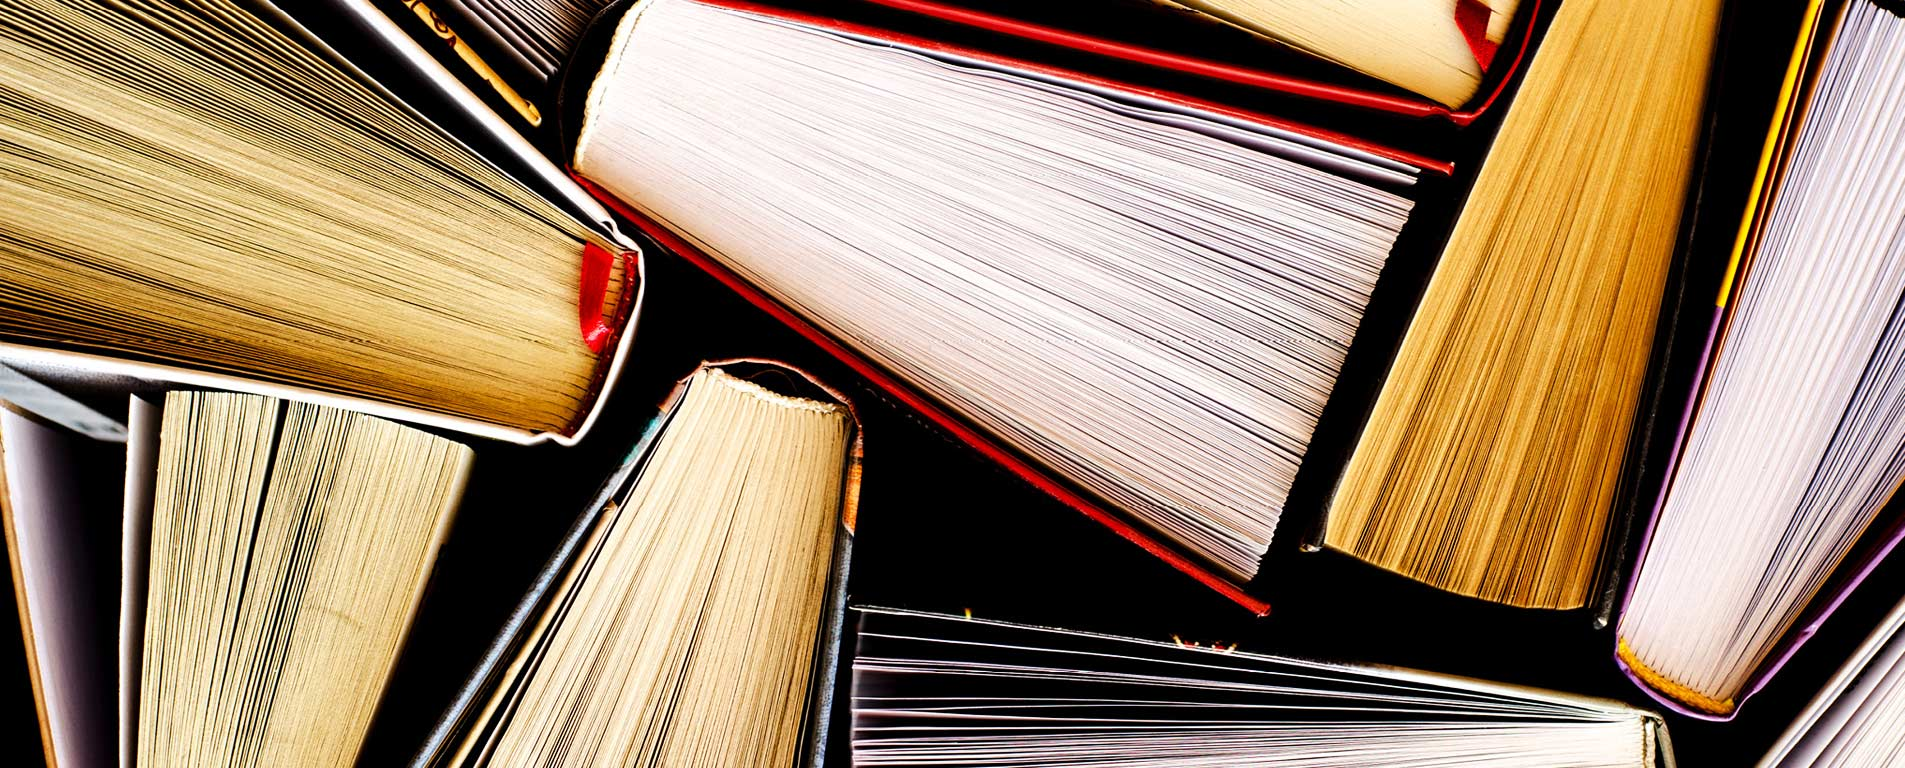 نمایشگاه کتاب تهران ، آغوش یار مهربان به روی مردم باز شد